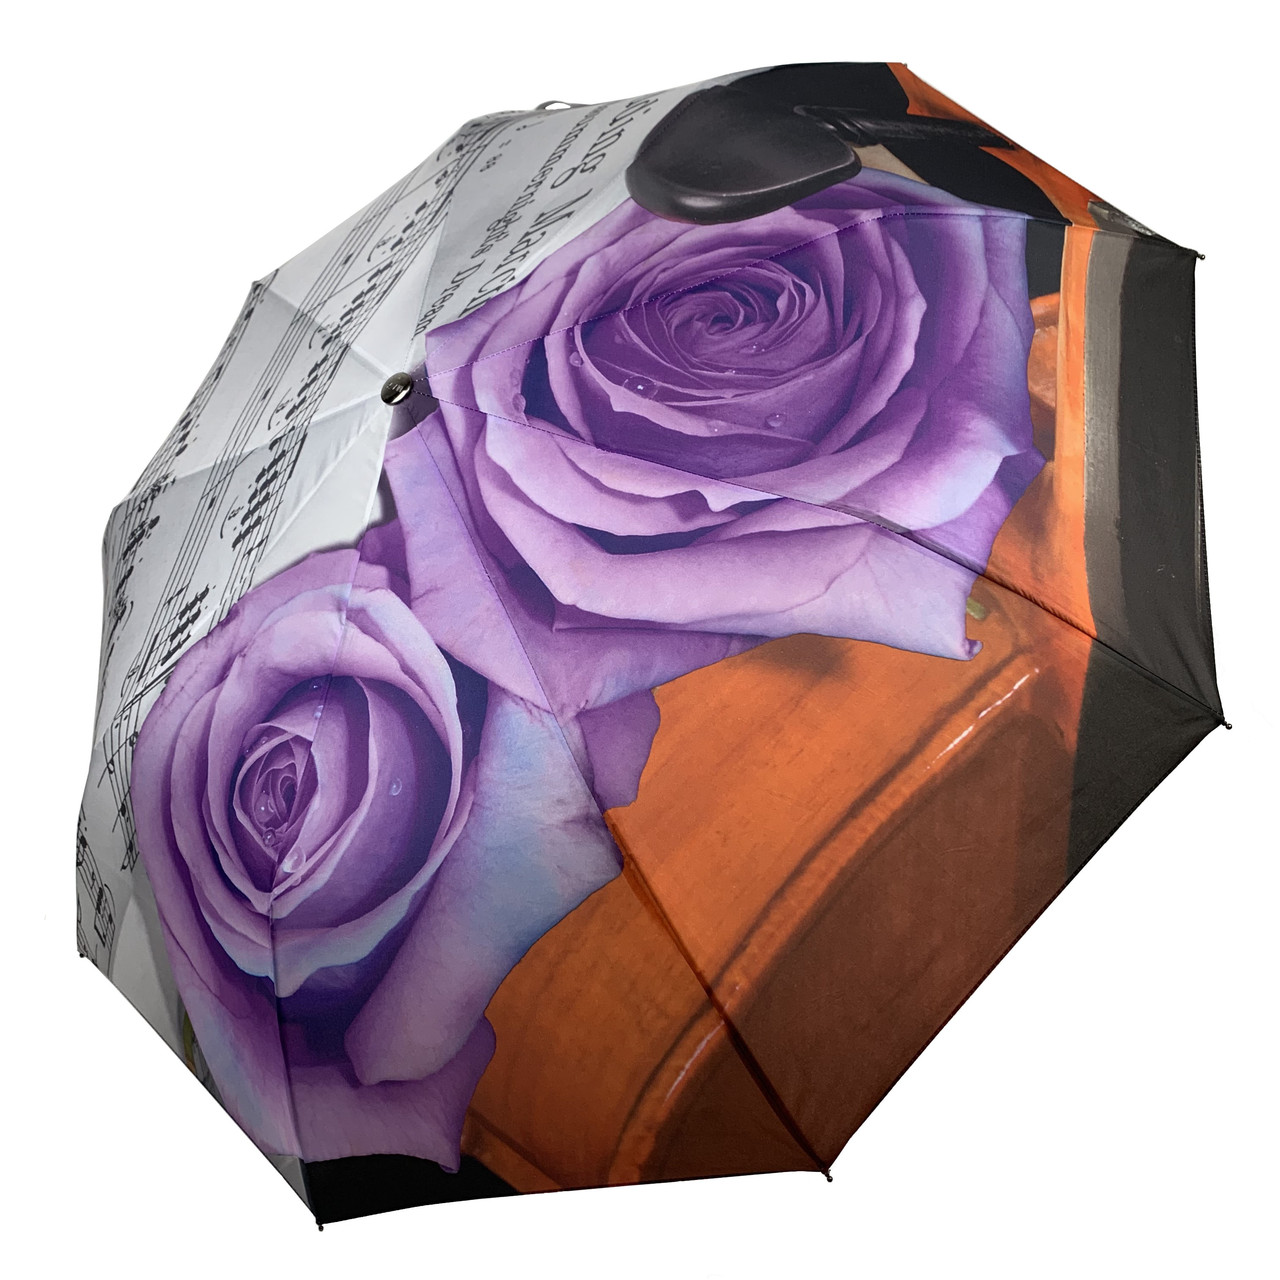 Женский зонт-полуавтомат от Max, с принтом нот и цветков розы фиолетового цвета,127-4